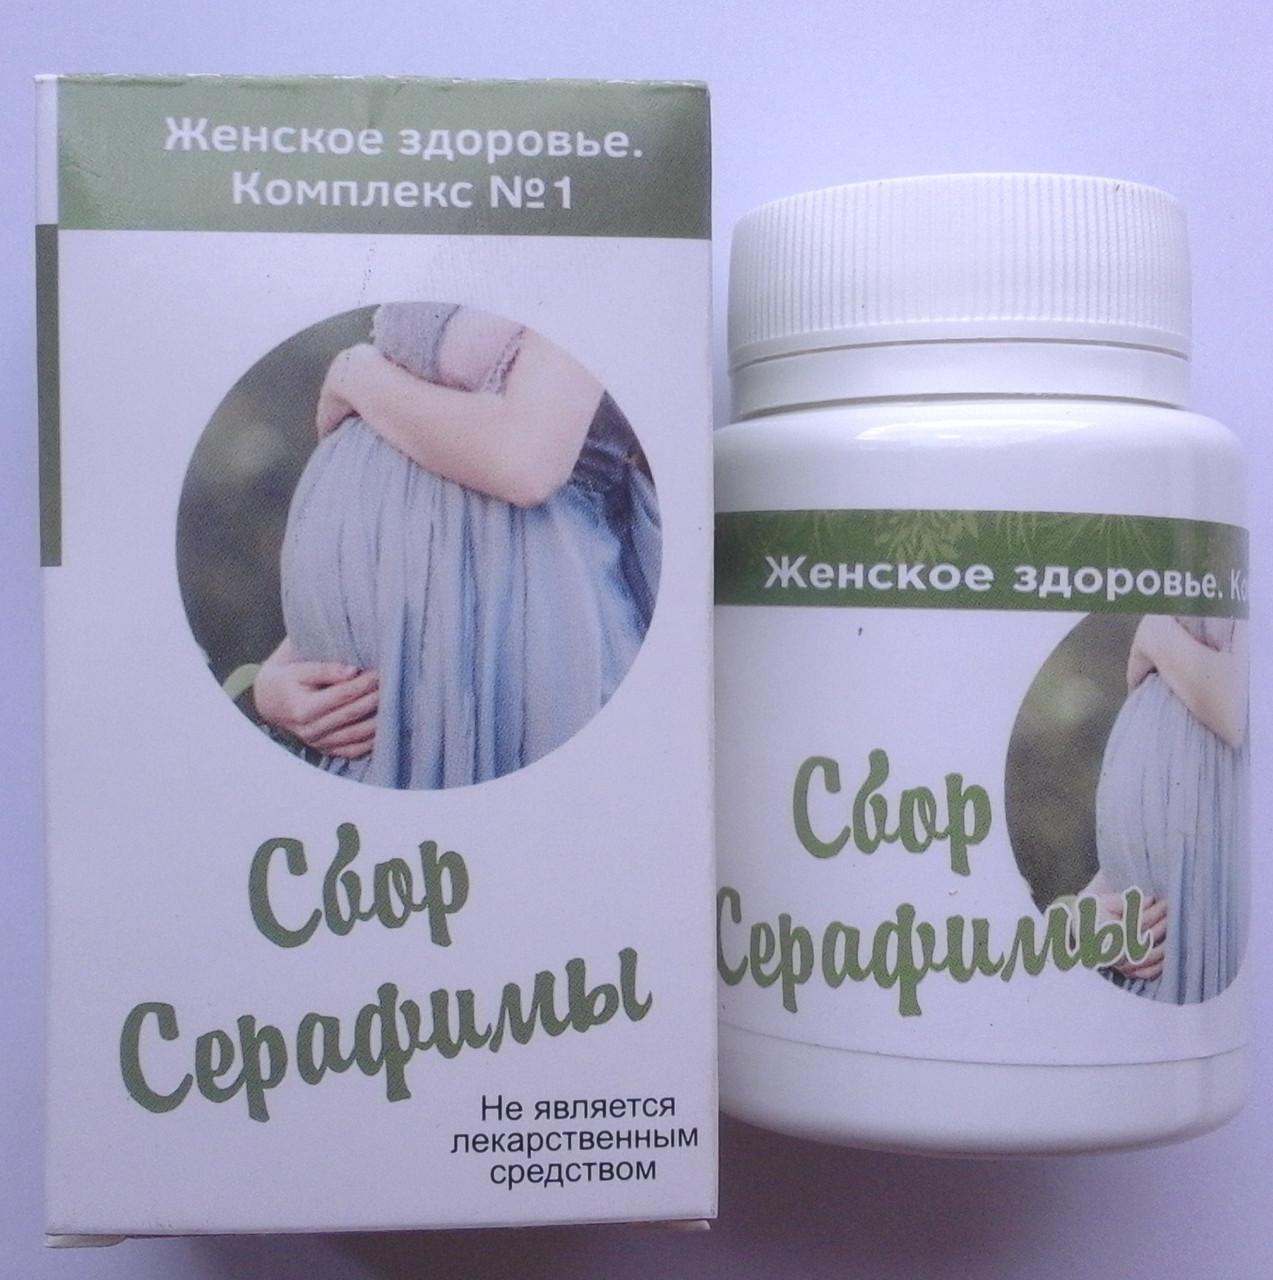 Сбор Серафимы от бесплодия, Комплекс женское здоровье №1